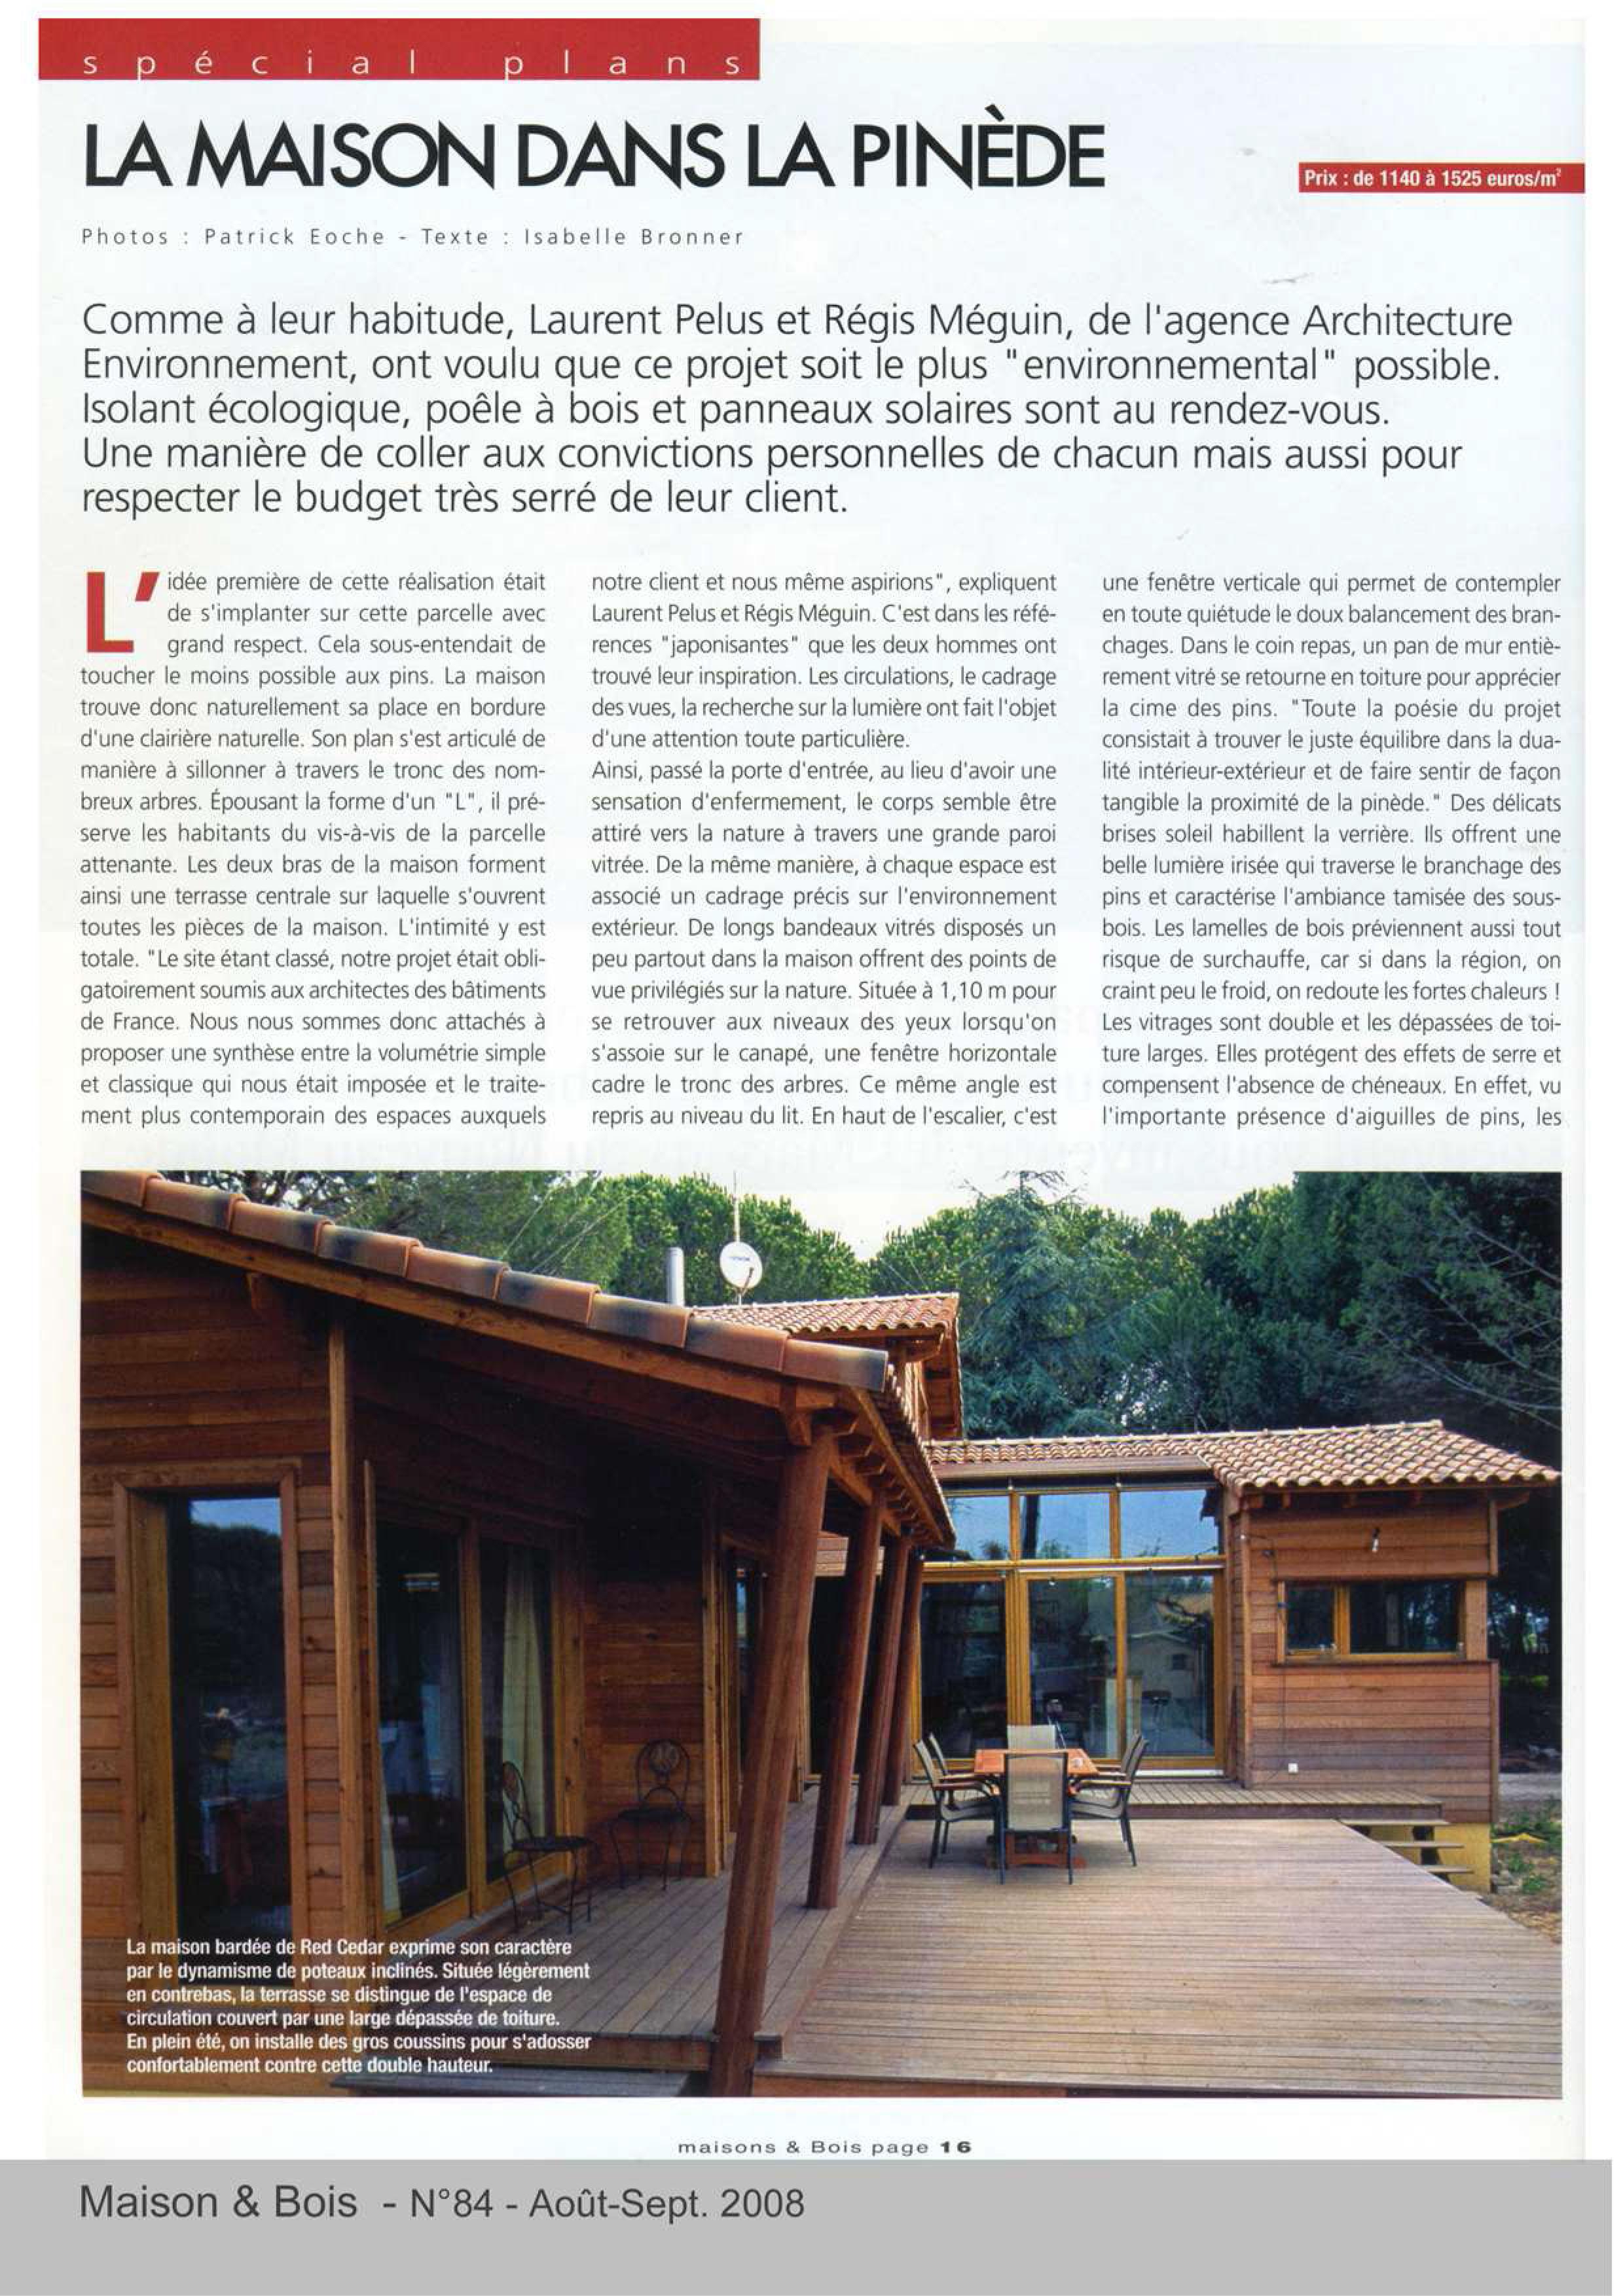 maison-bois-n-84-aout-sept-2008-1